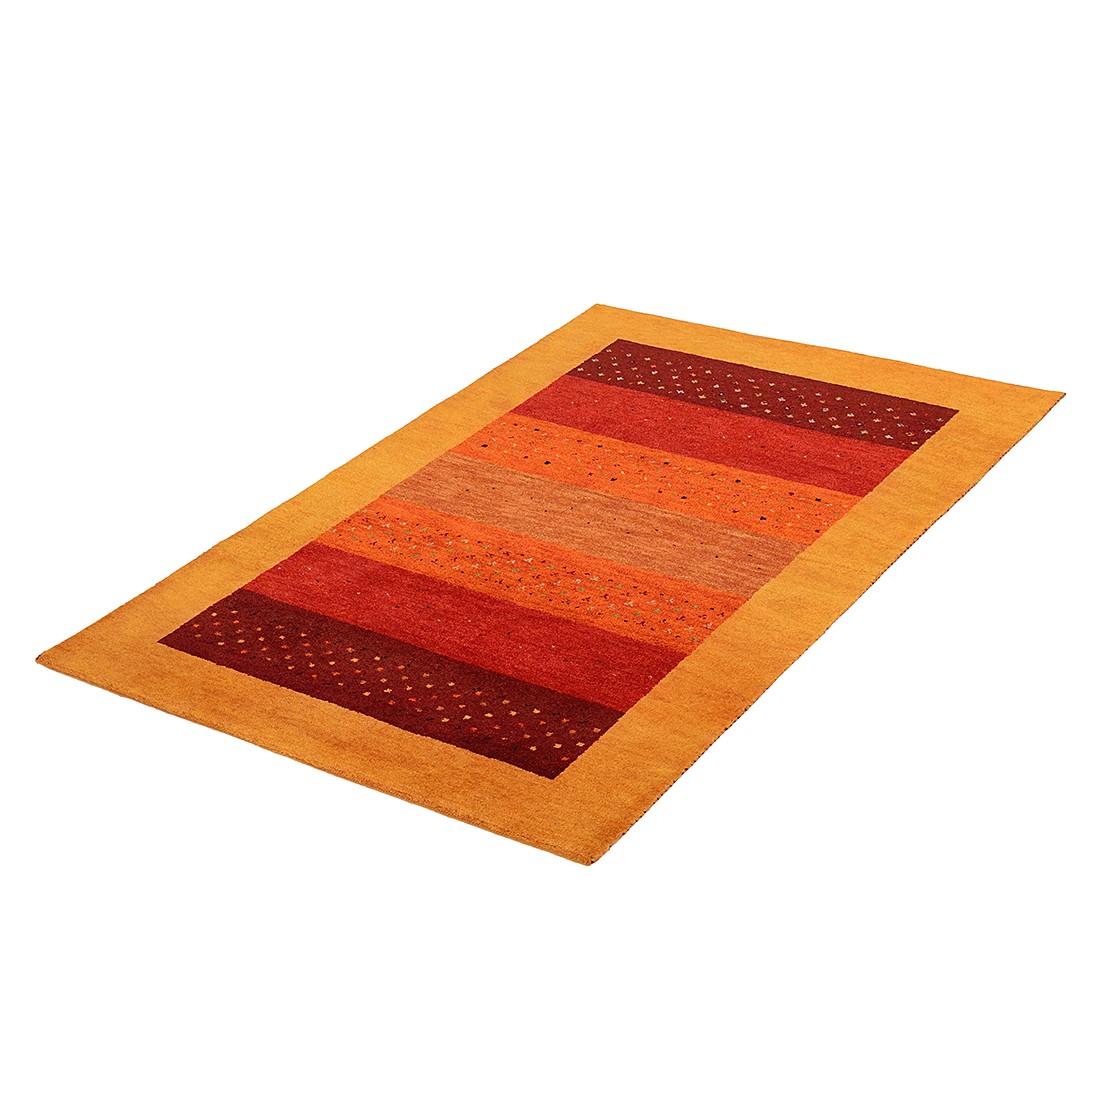 Taptij Indo Gabbeh Yamunanagar - rood 100% scheerwol 140cmx200cm, Parwis